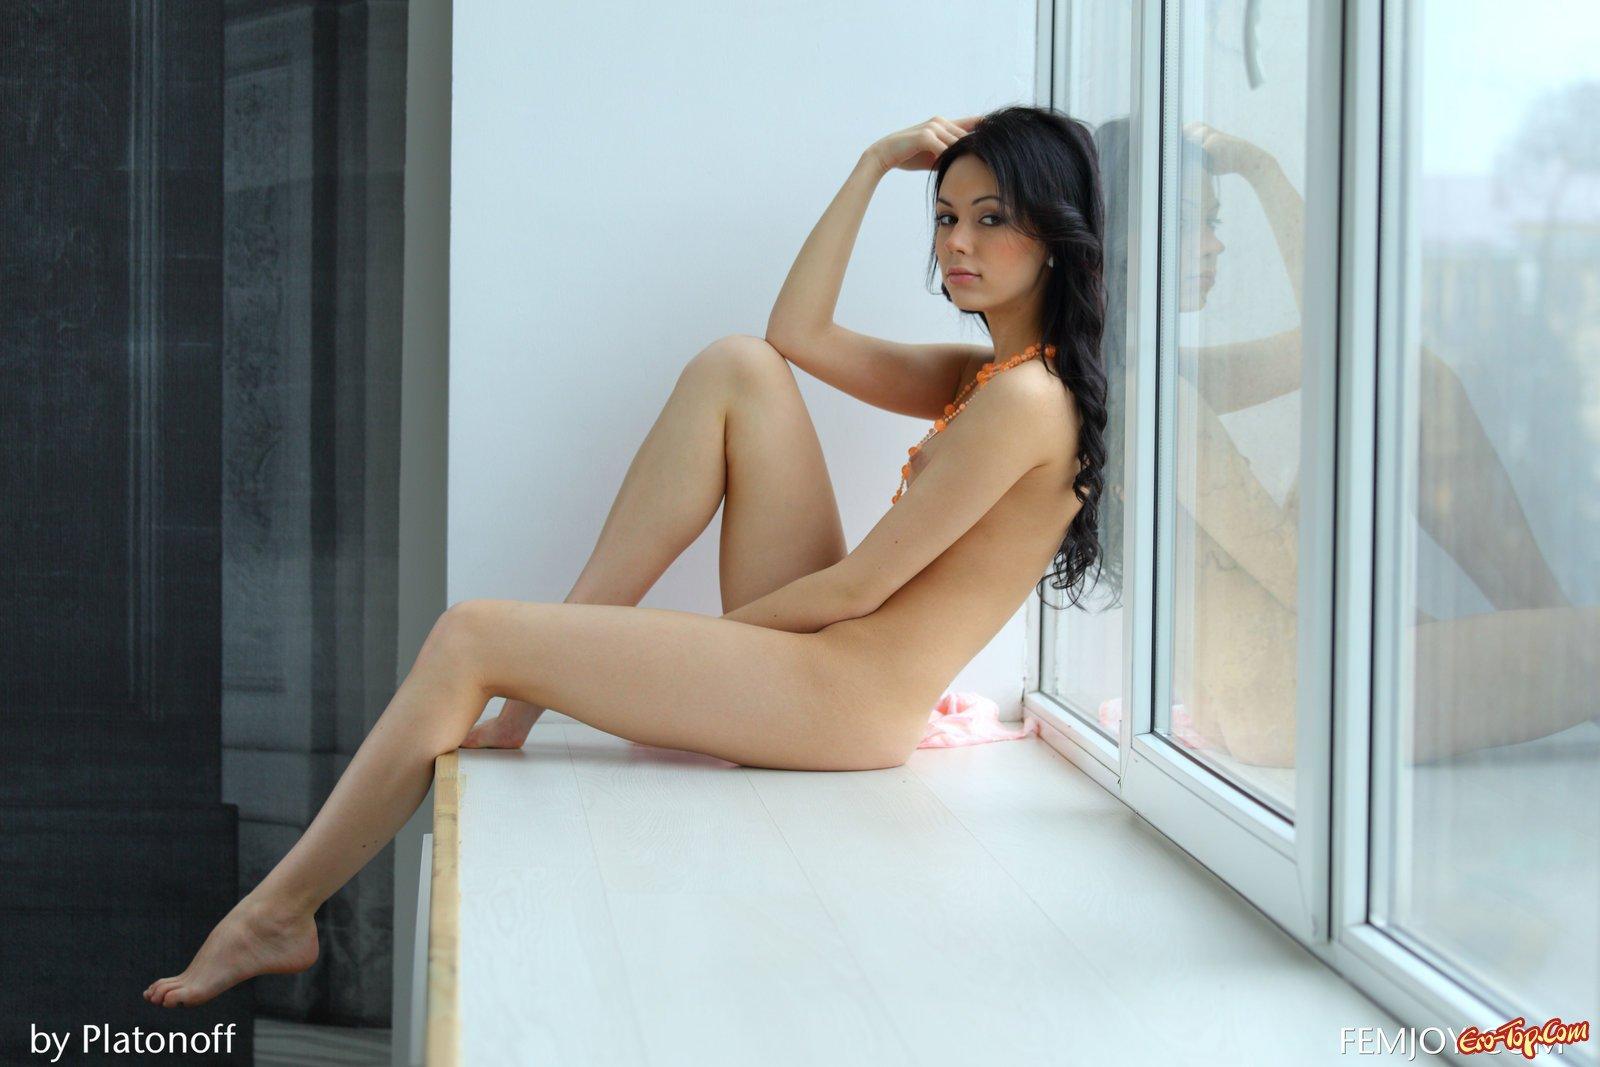 Брюнеточка начала светить голое тело у окна